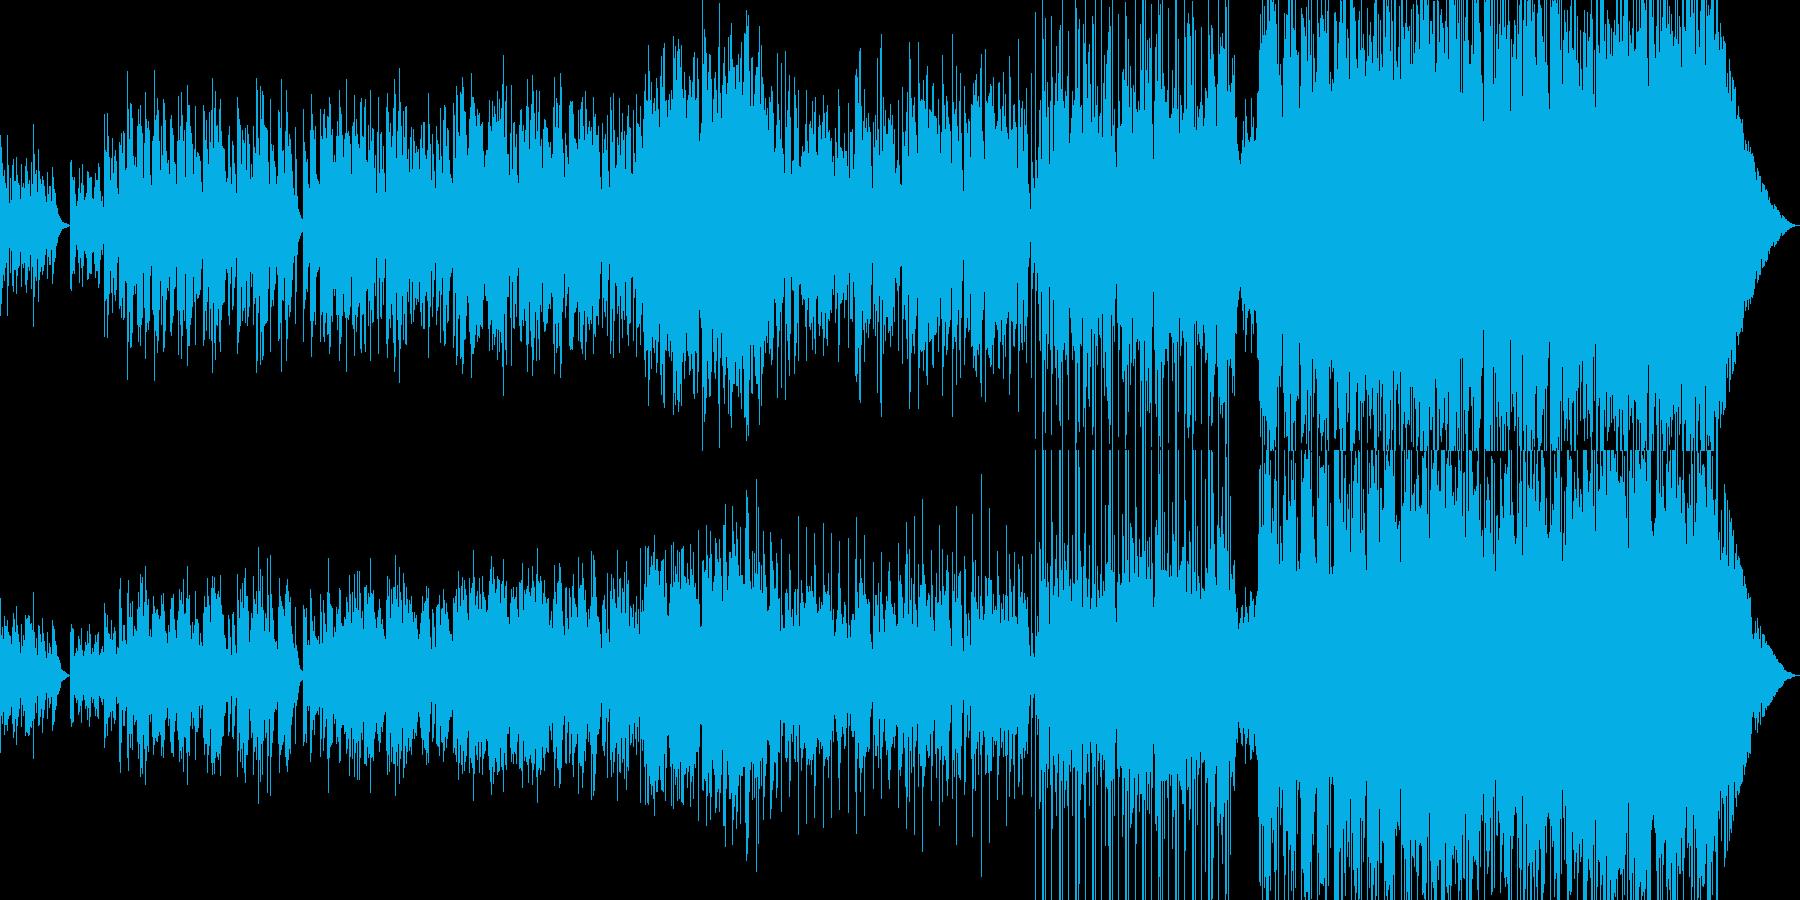 静かな夜 スパニッシュギターの調べに-の再生済みの波形